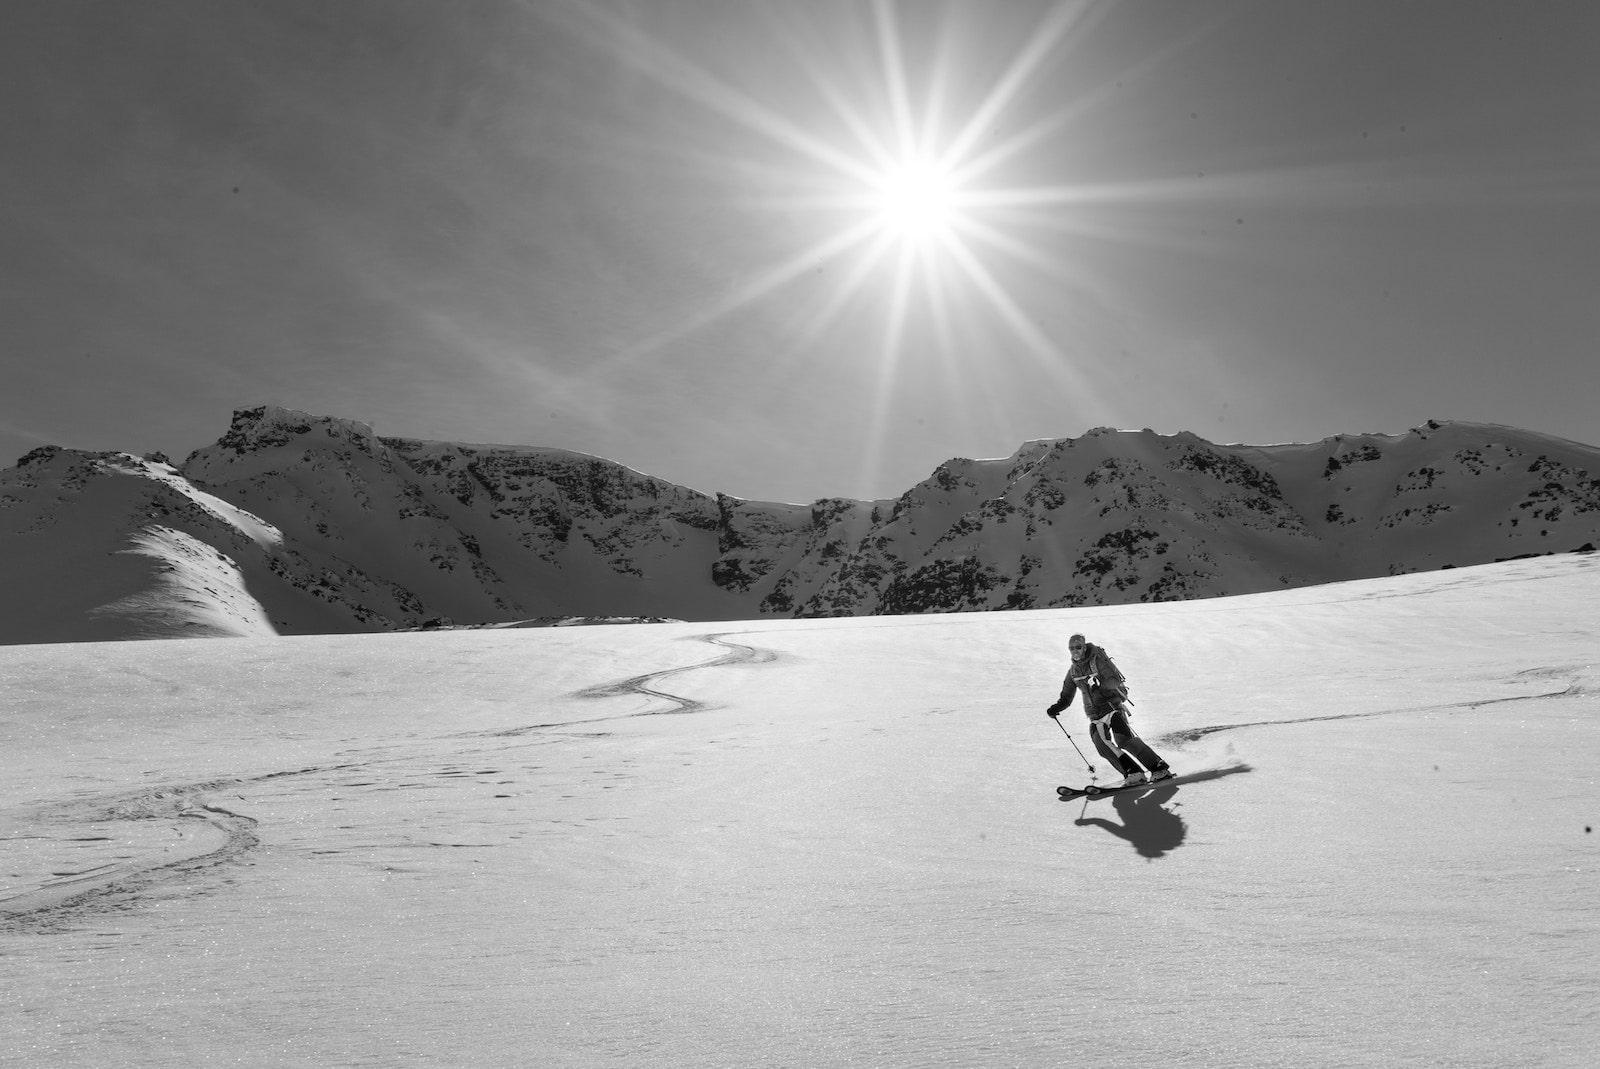 The New Ski Bum Is No Slacker